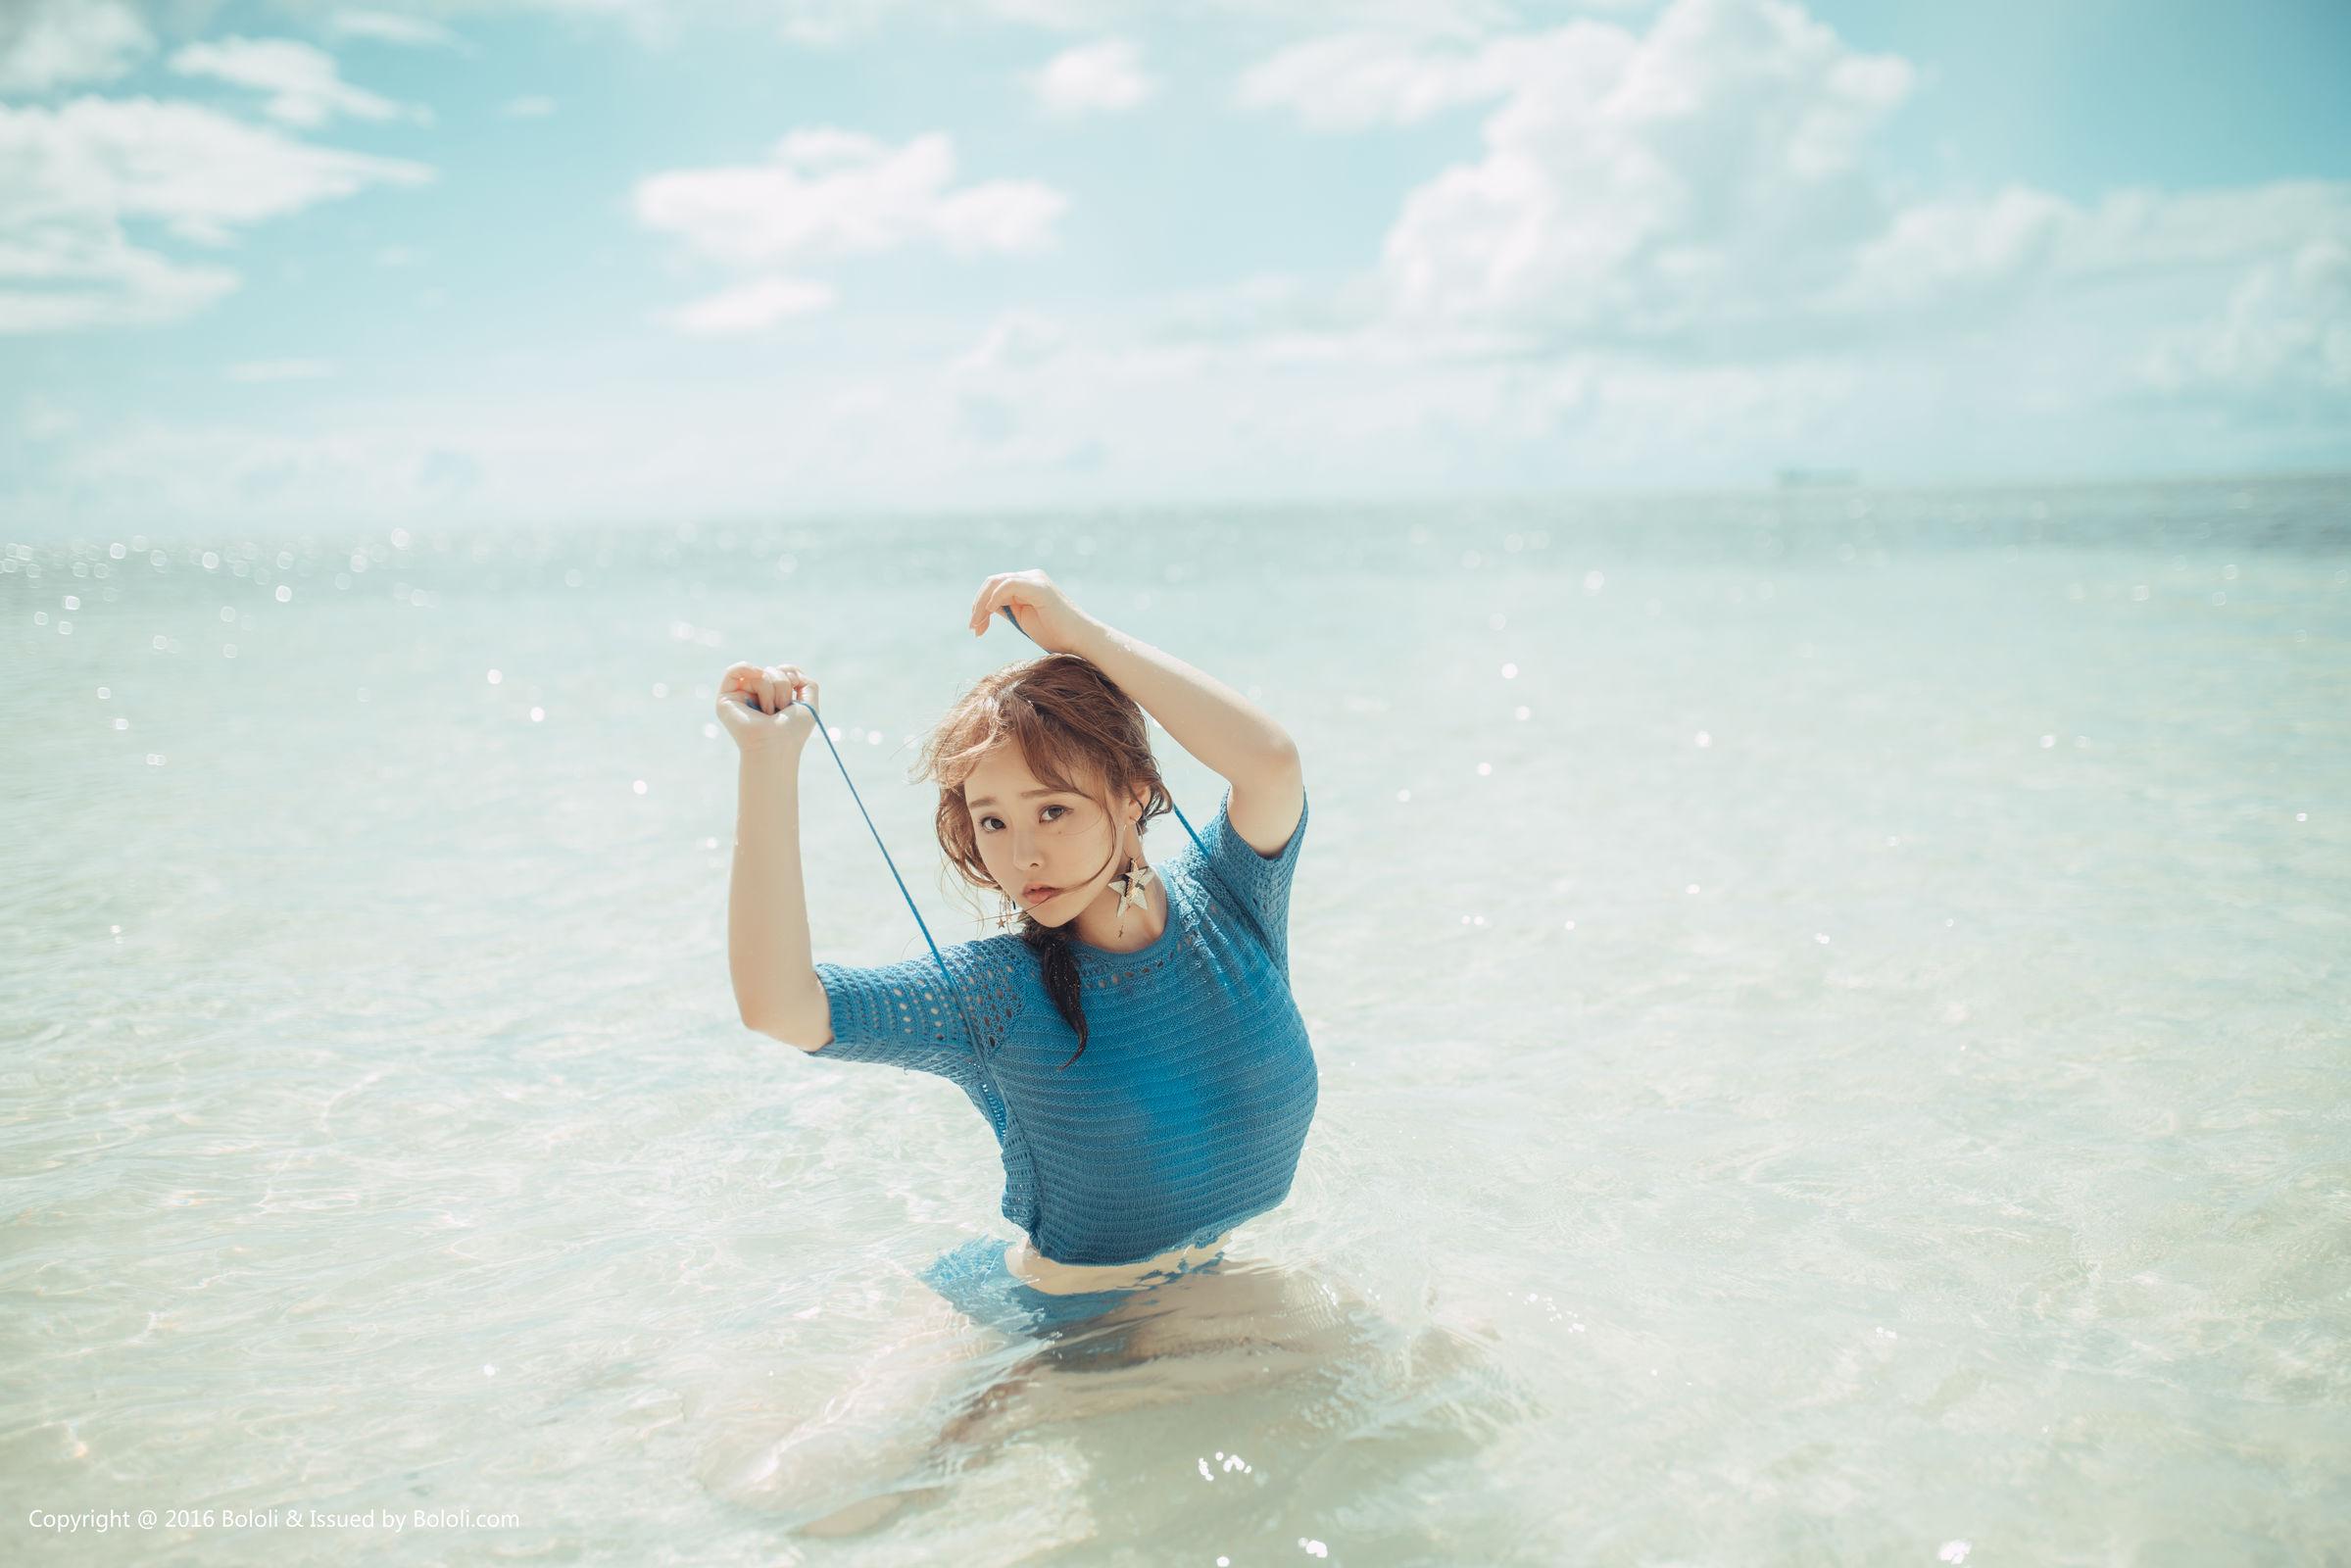 柳侑绮 - 夏日风情